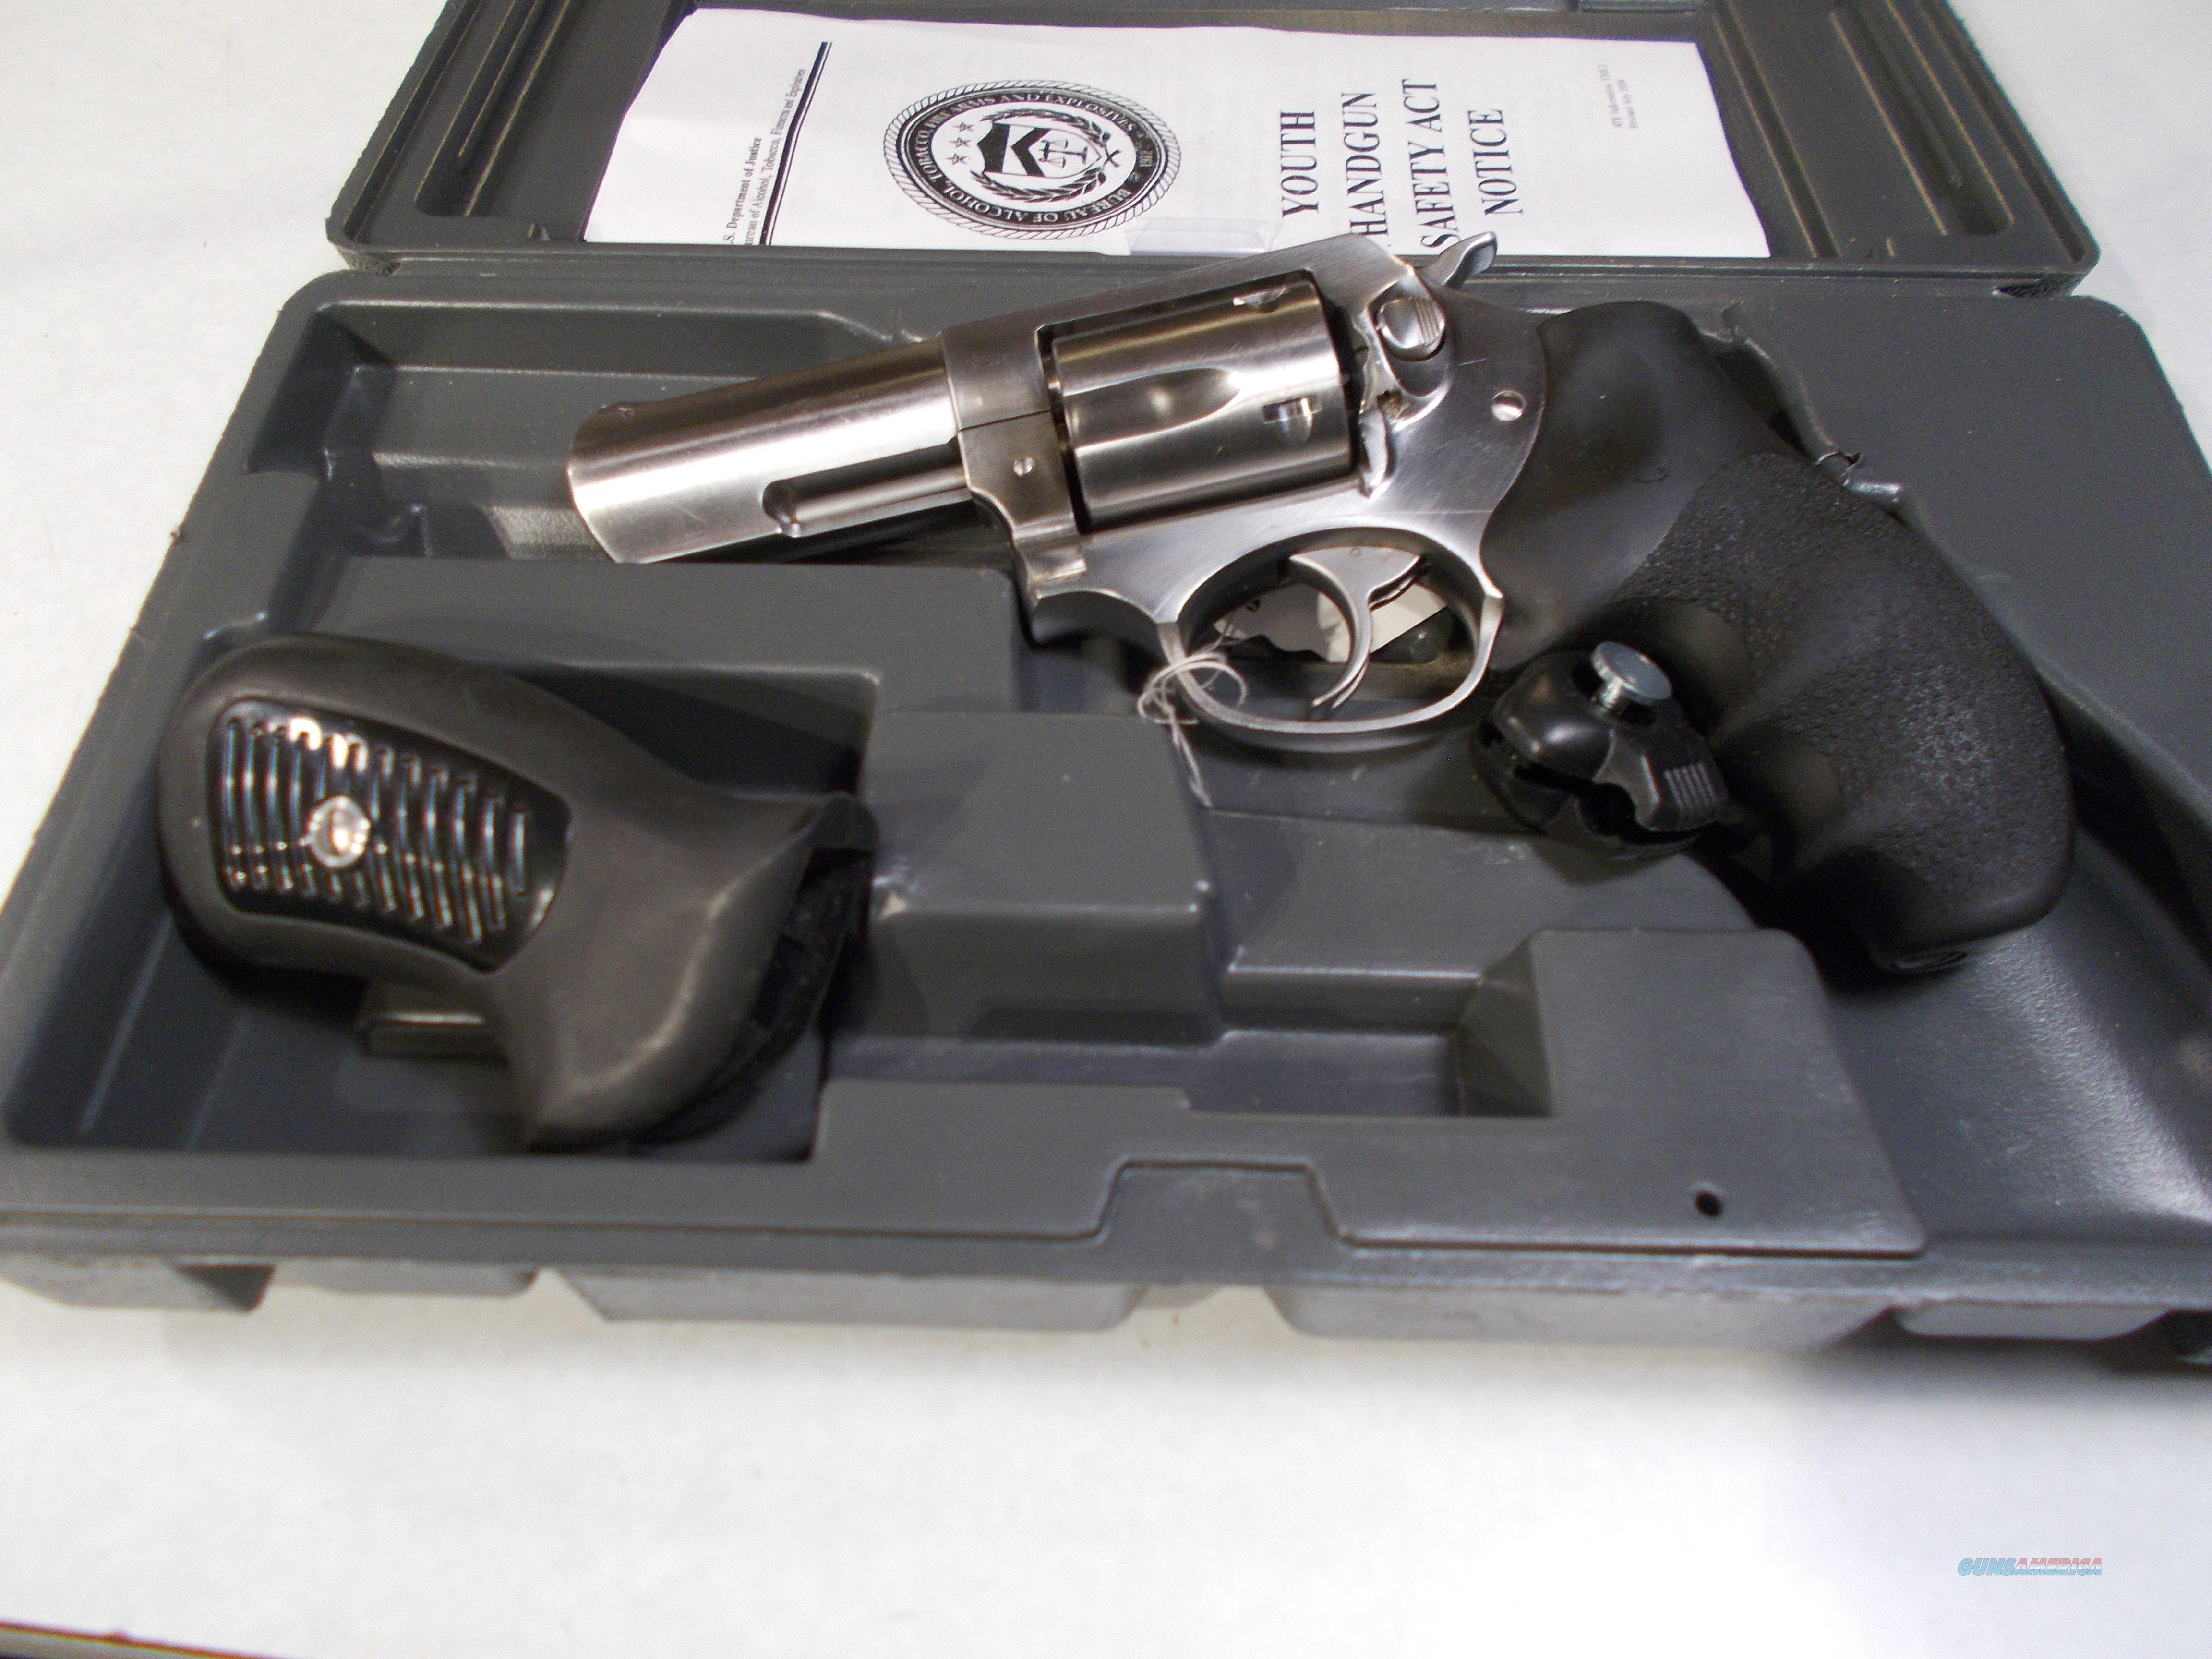 ruger sp101 357 mag. 3 inch barrel  Guns > Pistols > Ruger Double Action Revolver > SP101 Type